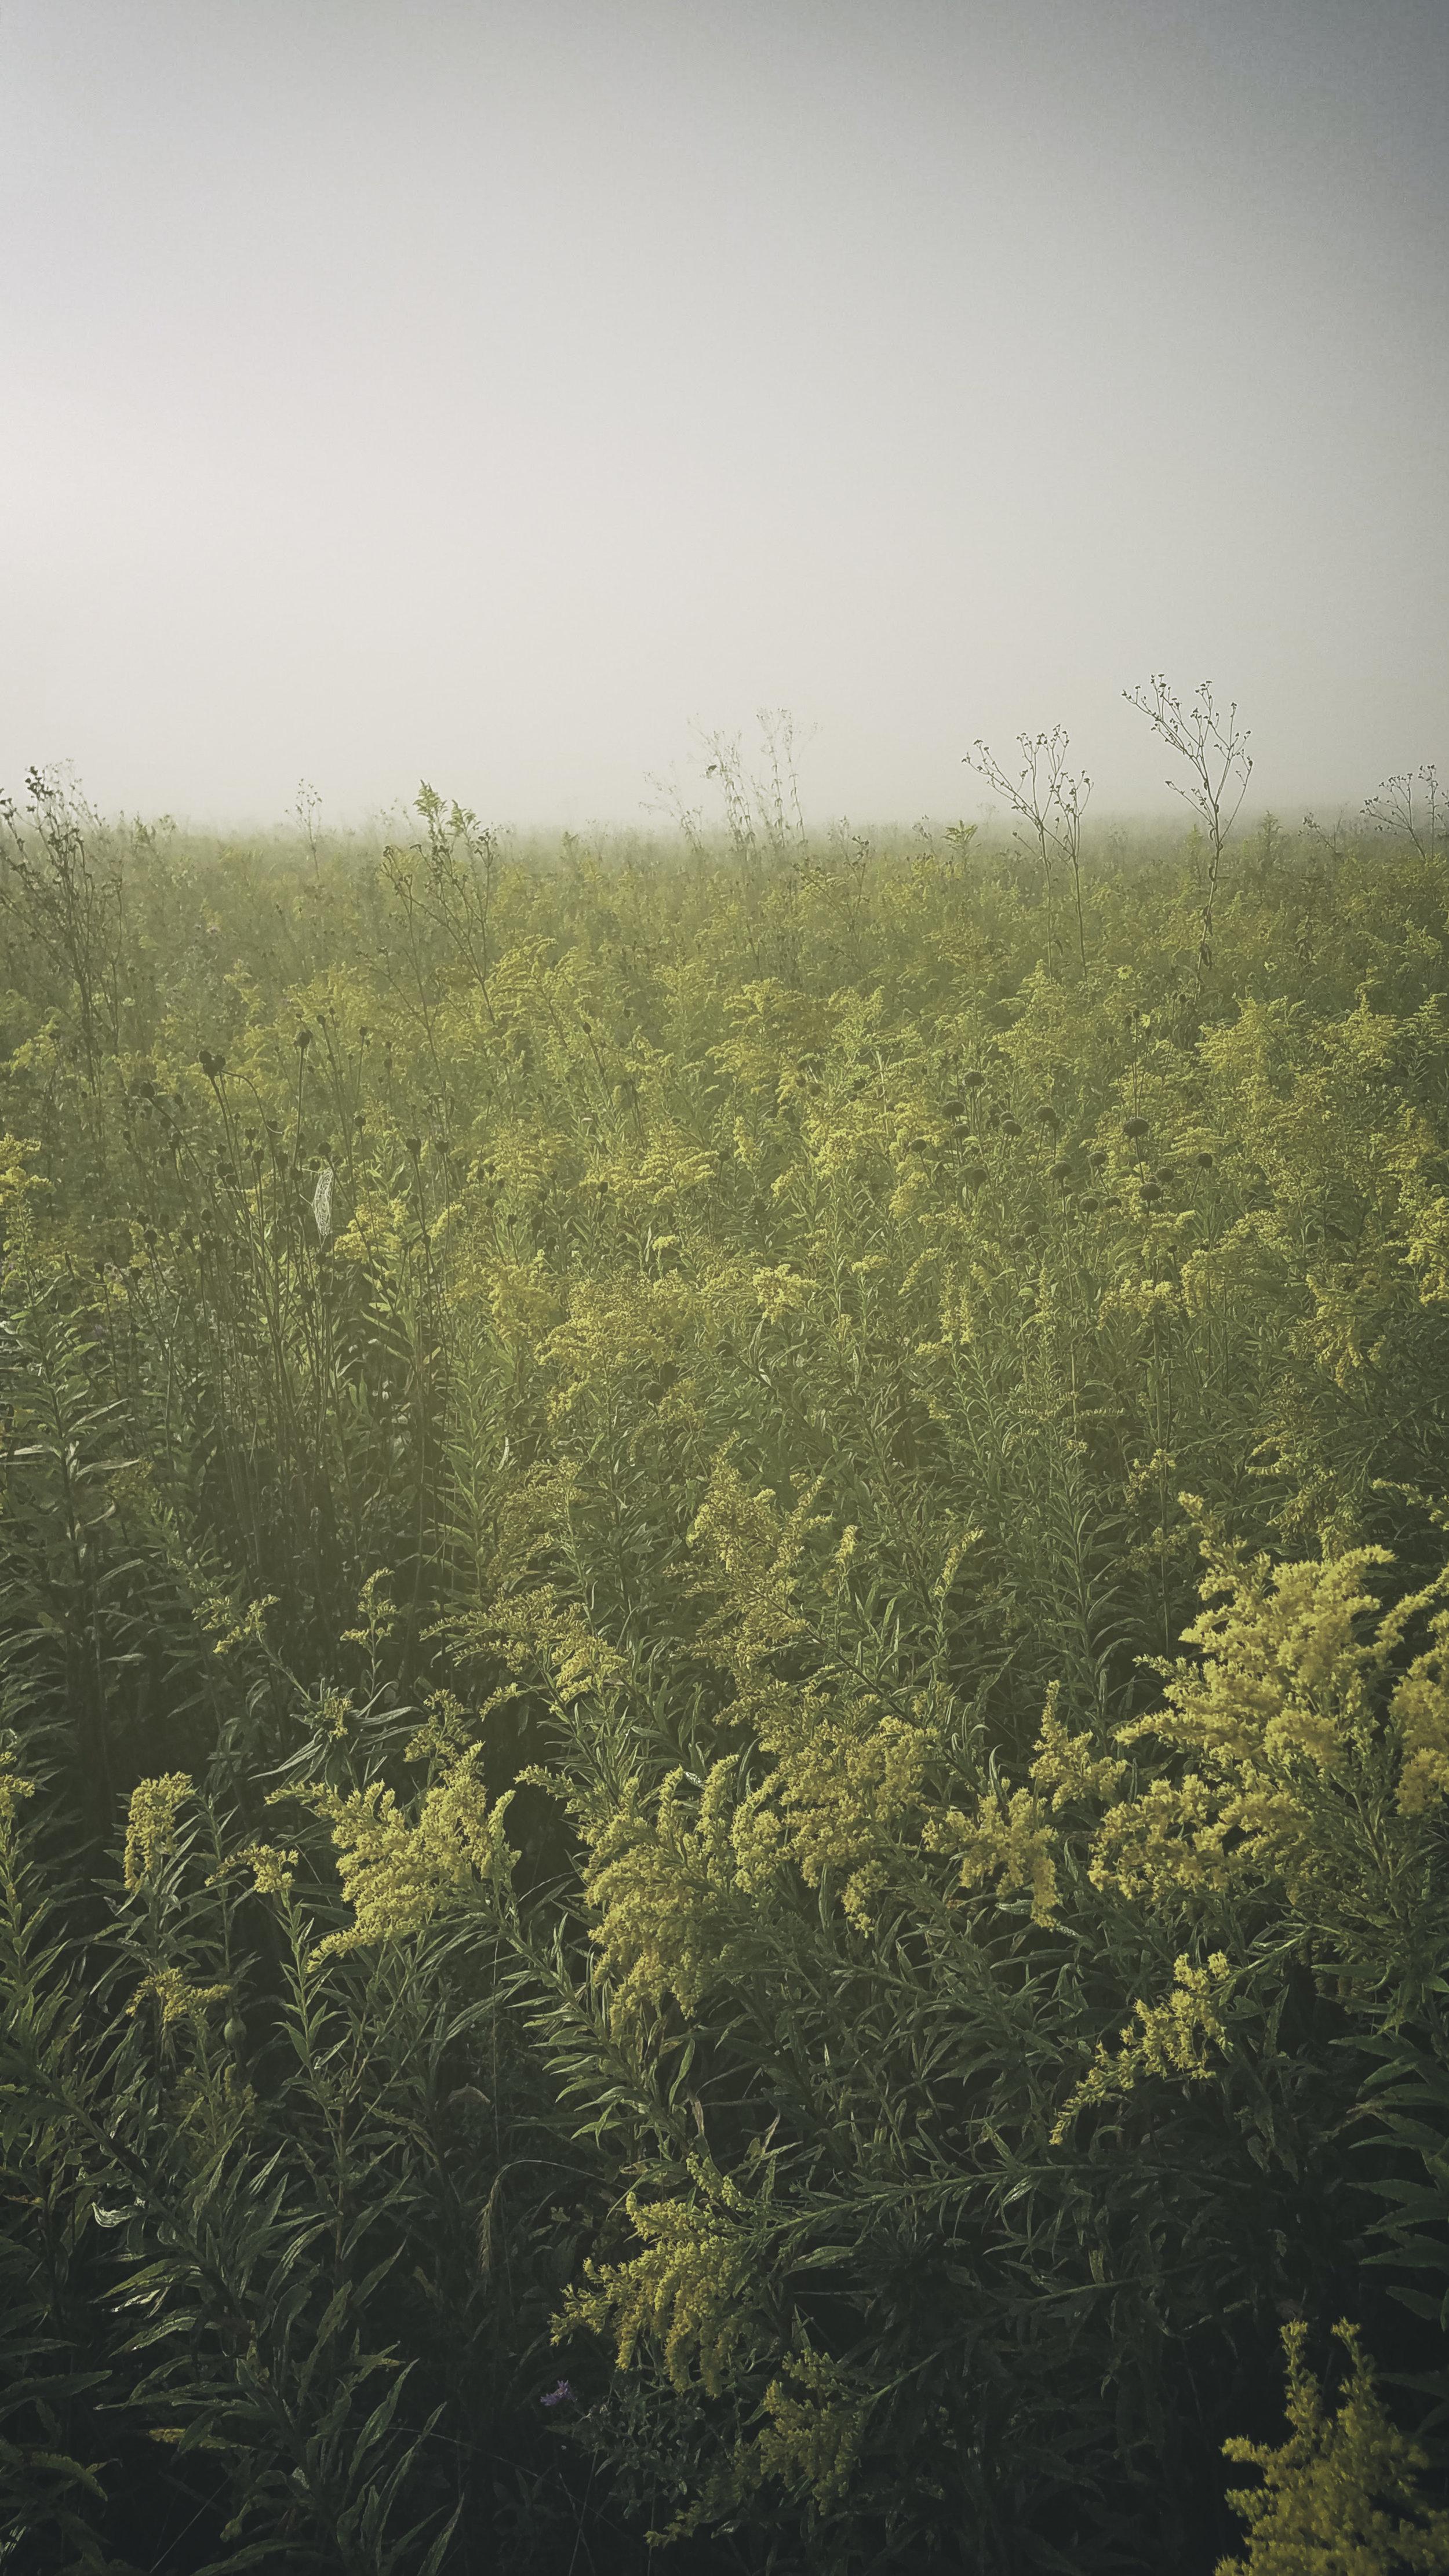 Landscape_Field004_mobile.jpg